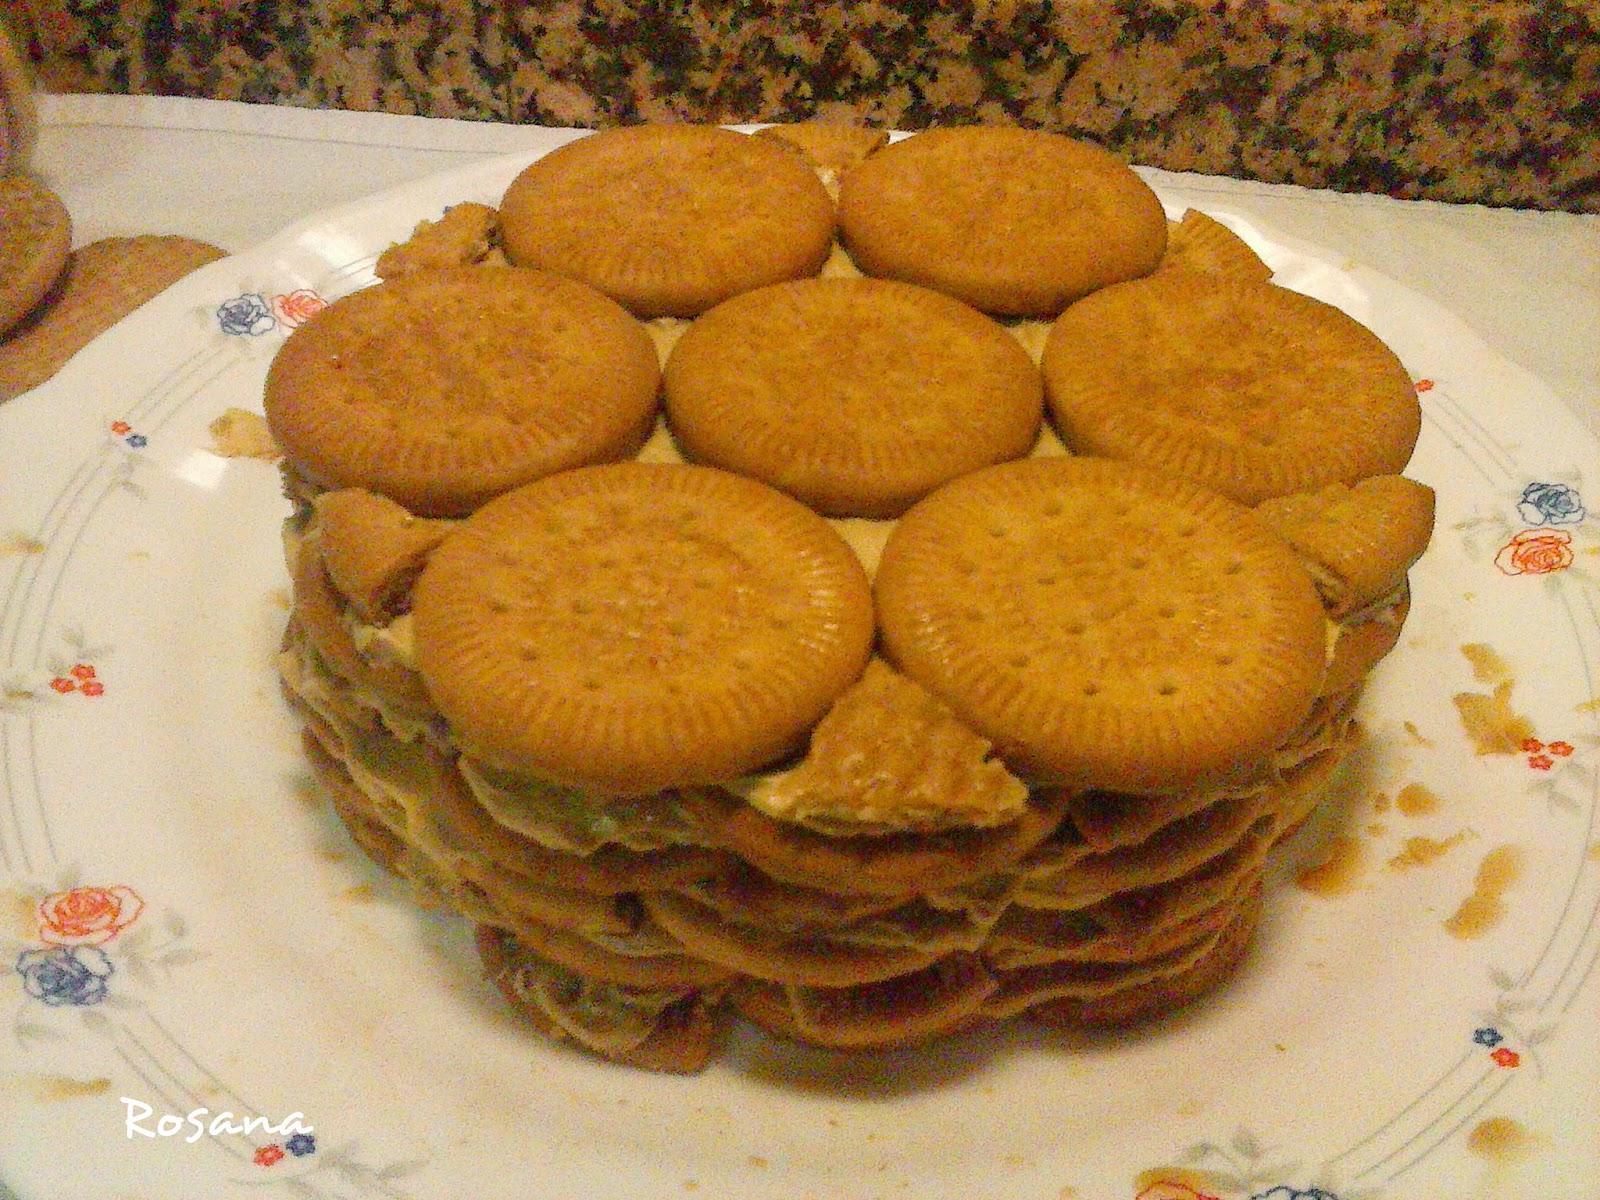 Como hacer un pastel de moka rápido y sencillo